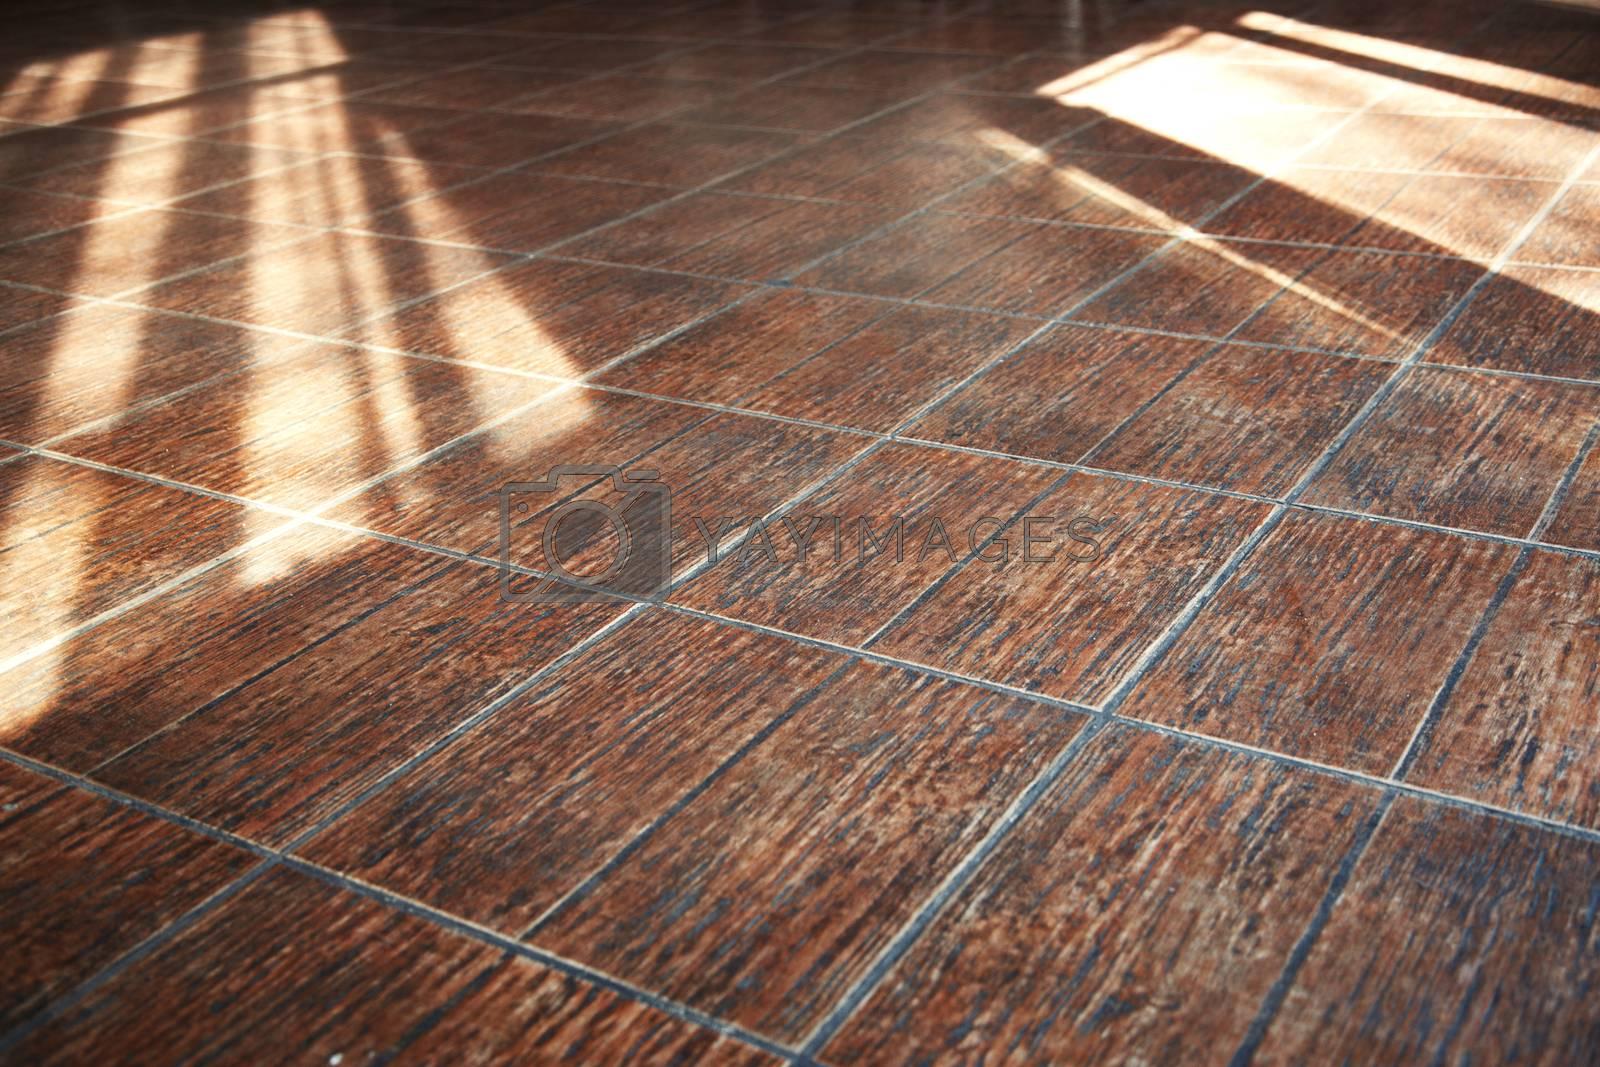 Stony floor with sunlight shadows. Horizontal photo